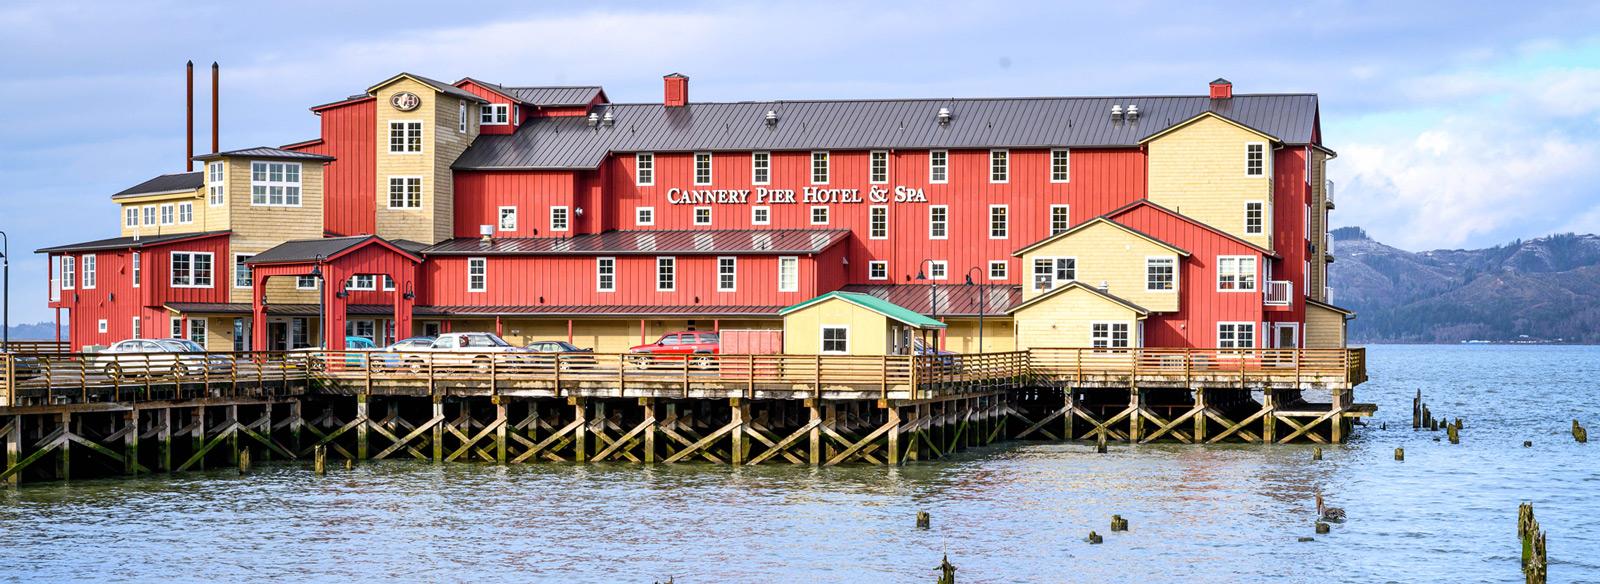 HERO-CanneryPierHotel-image2-(002).jpg